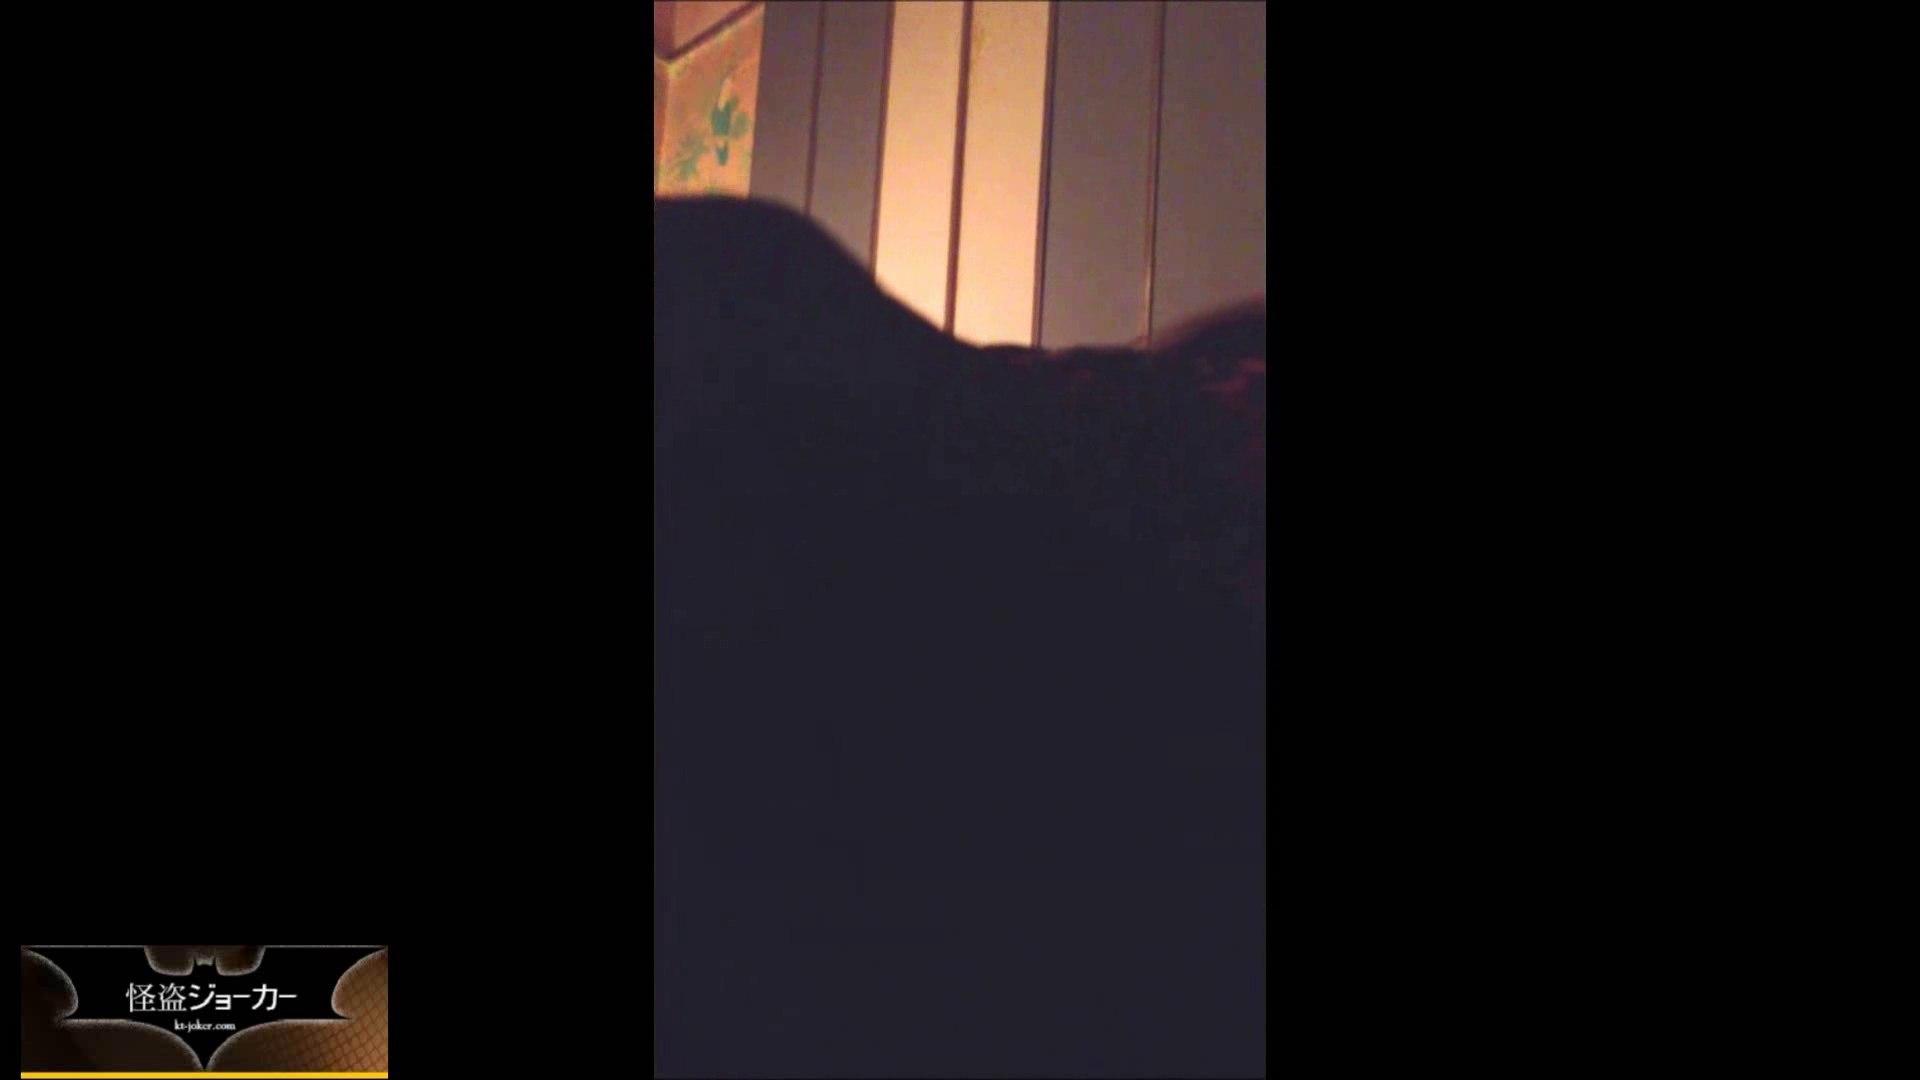 若葉のころ vol.02 セックスする女性達  70画像 40